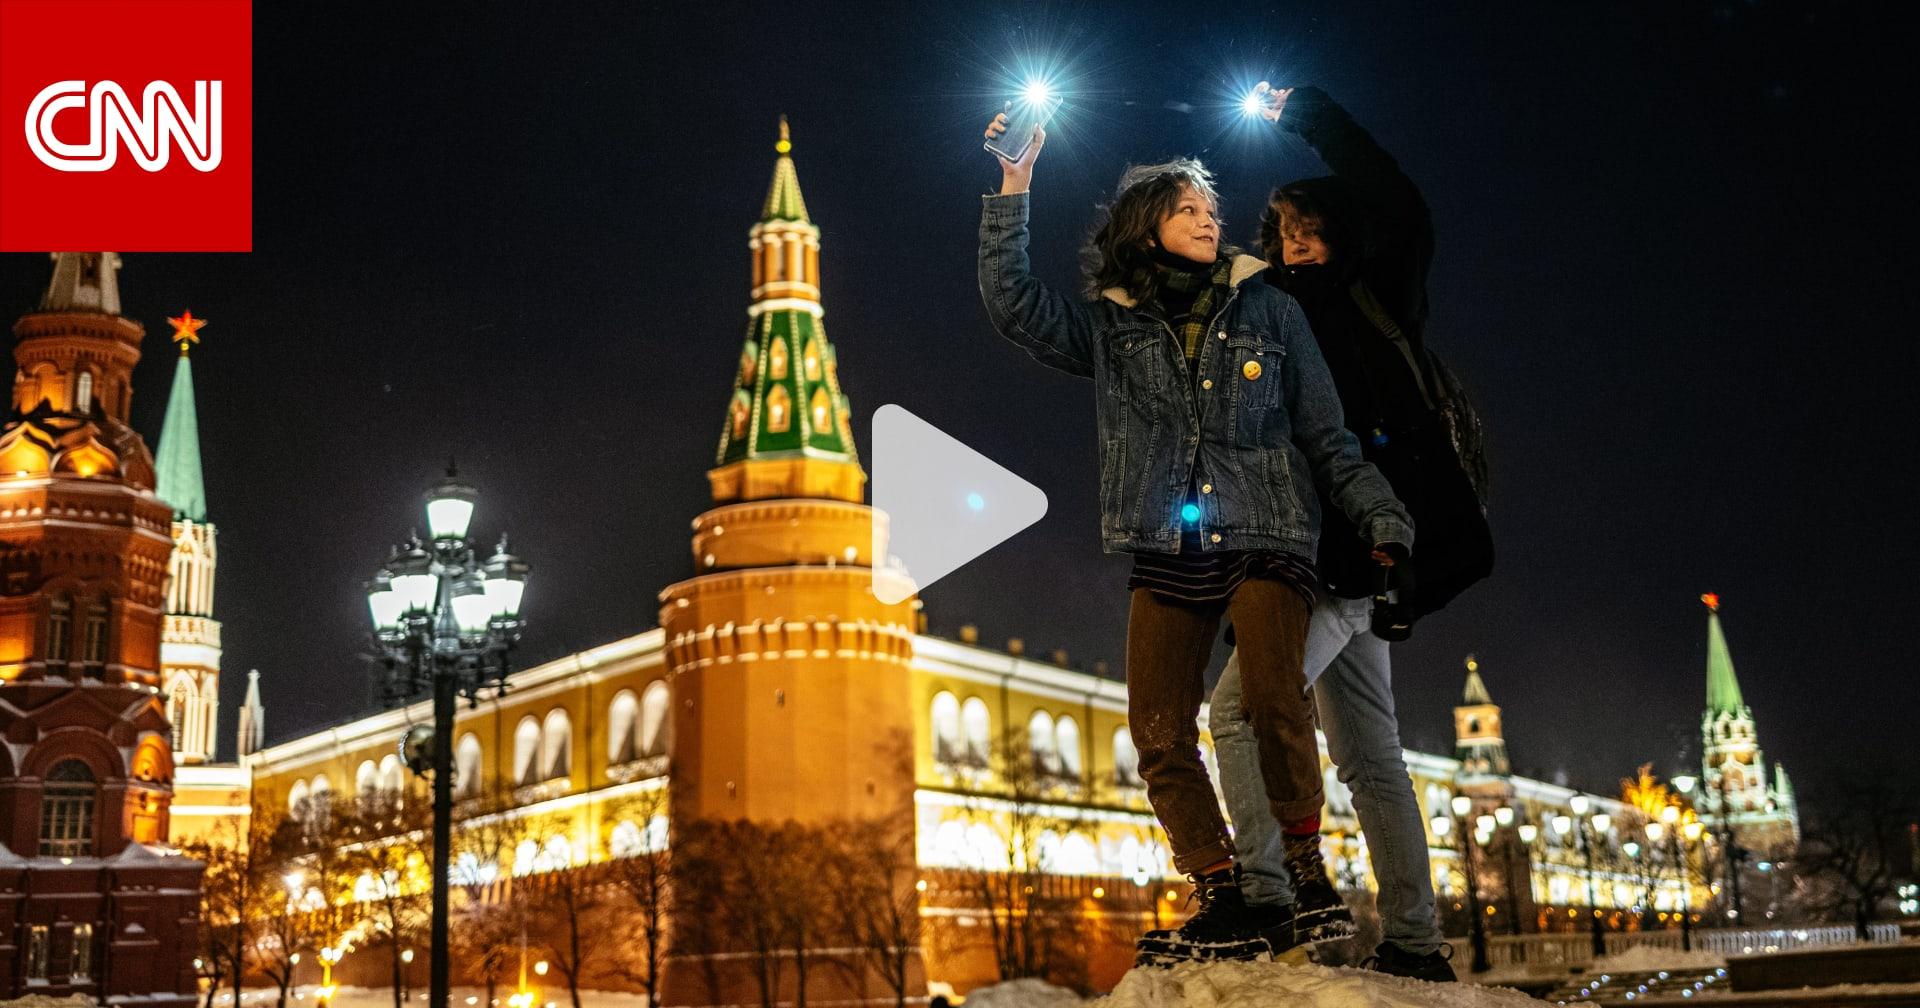 المعارضة الروسية تغير استراتيجية الاحتجاجات ضد بوتين لتنظيم صفوفها